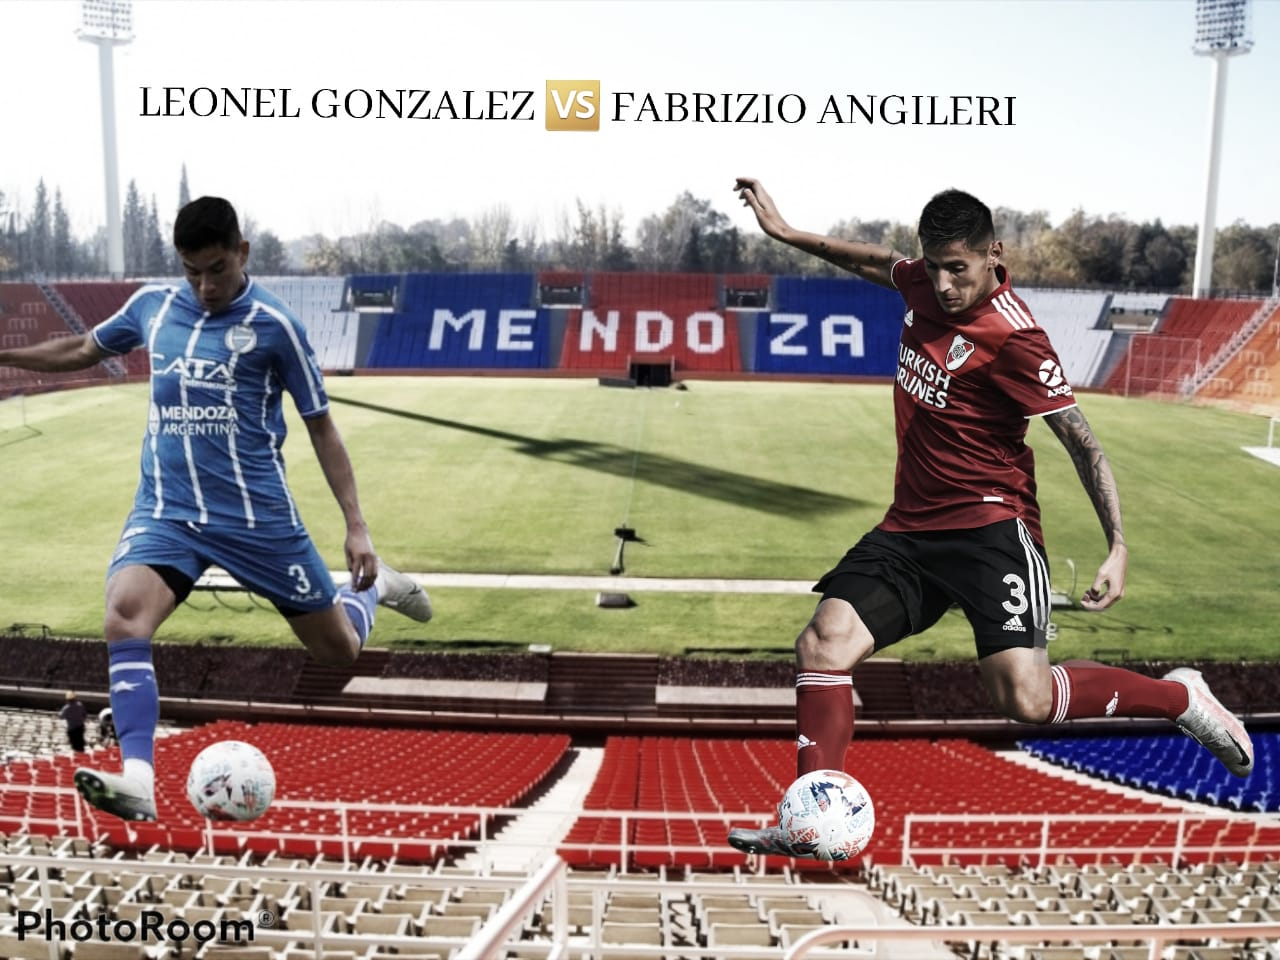 Gonzalez vs Angileri: Definición en el fondo